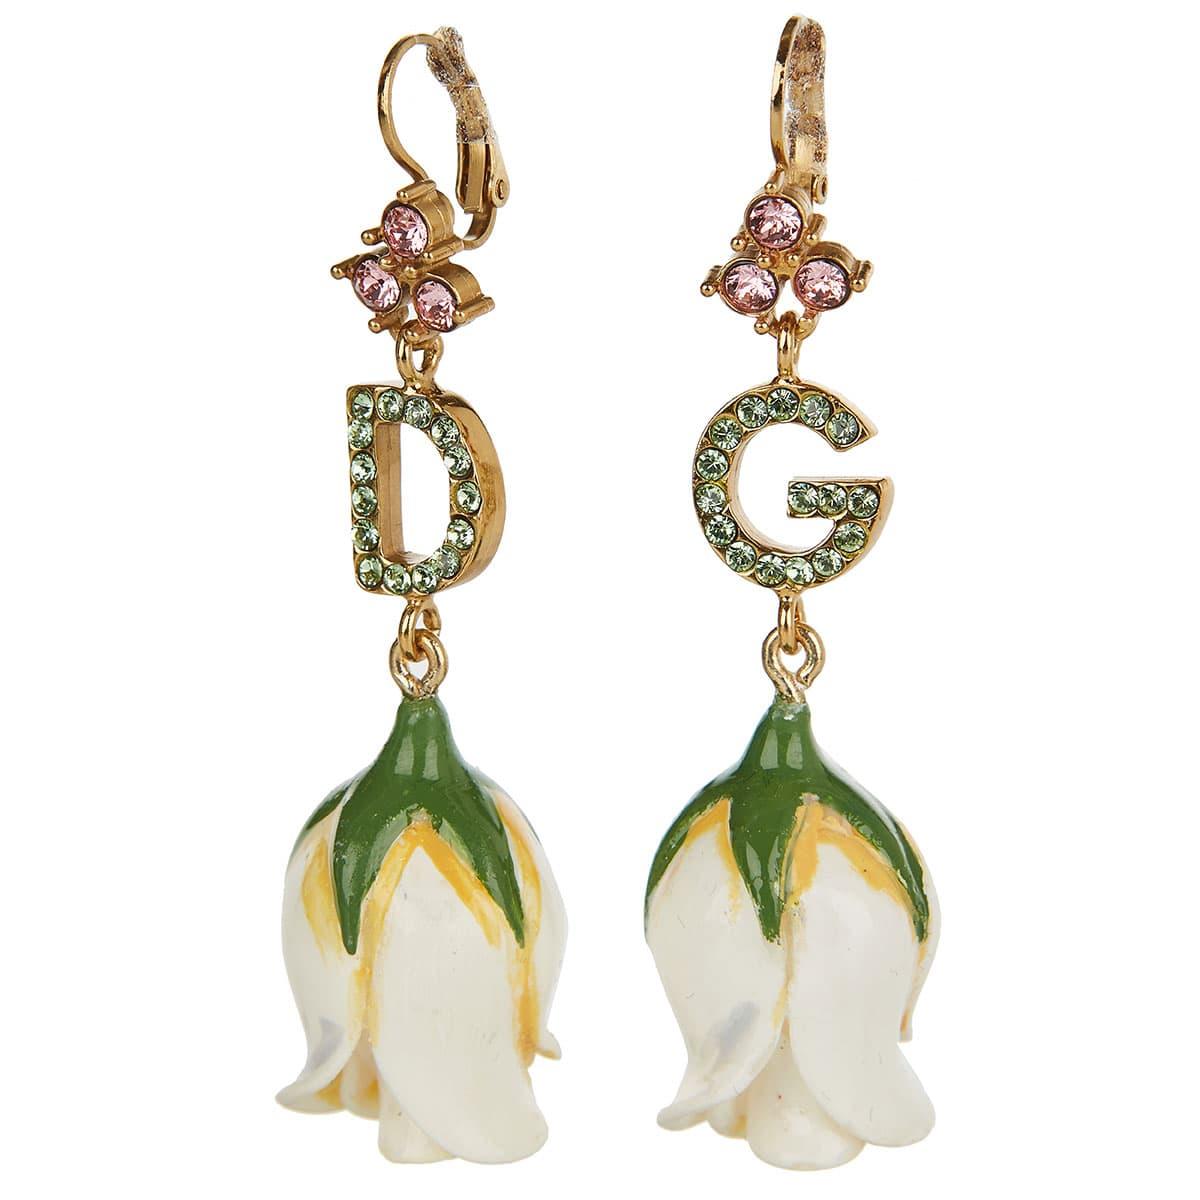 DG drop earrings with resin flowers